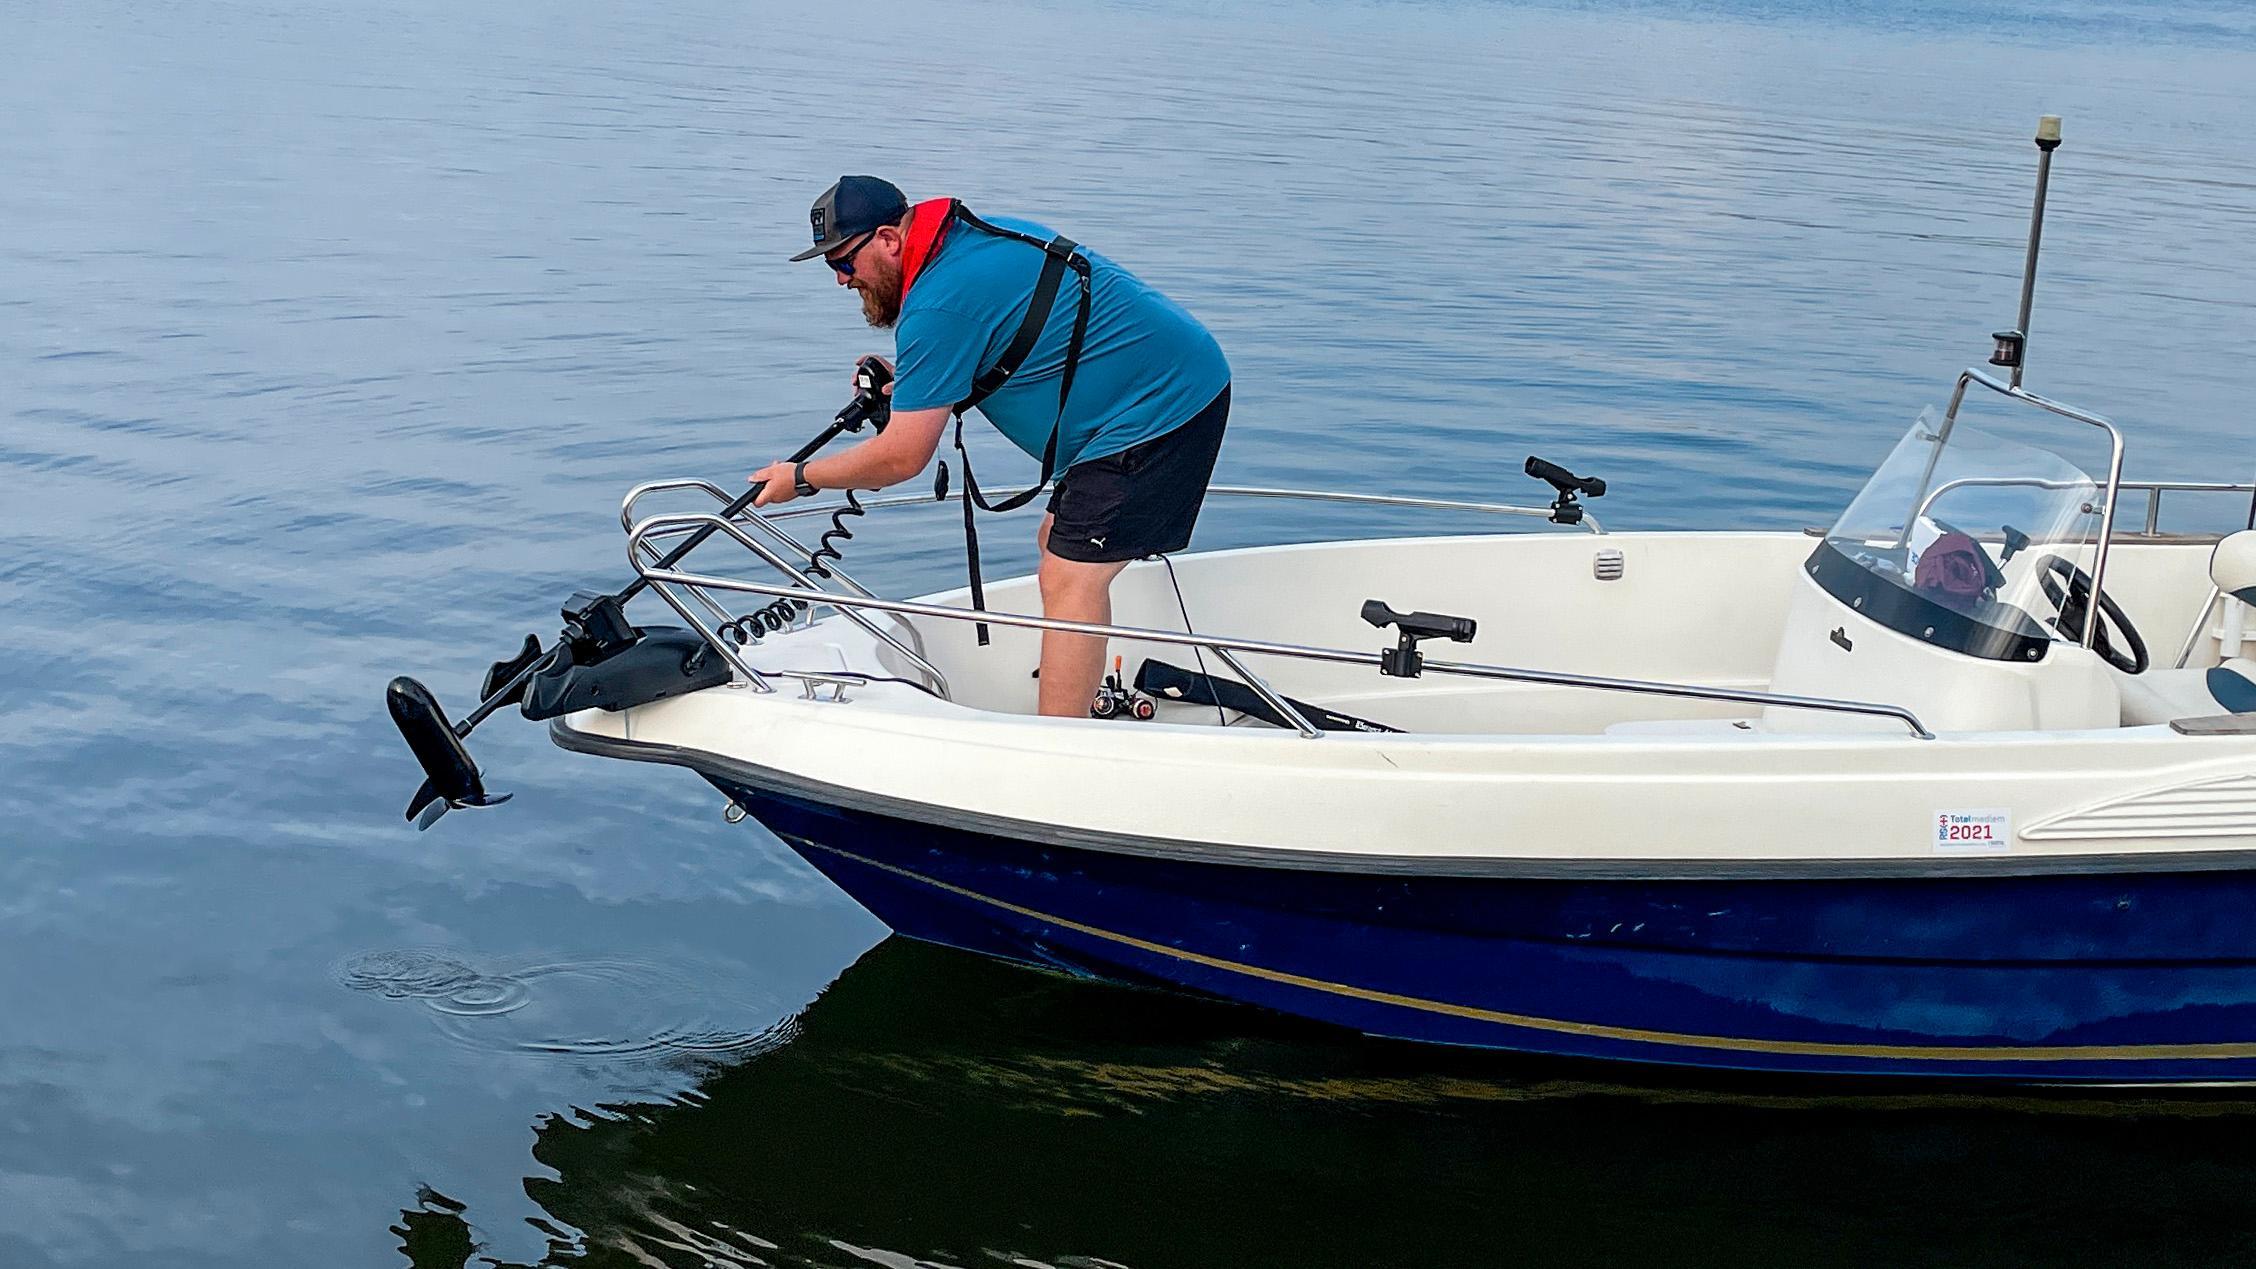 Det er lett å vippe motoren uti vannet. Trekk i en låsehendel og send propellen sakte men sikkert uti. Pass på at den kommer helt nedi styrehakket - hvis ikke fungerer ikke fjernstyringen.